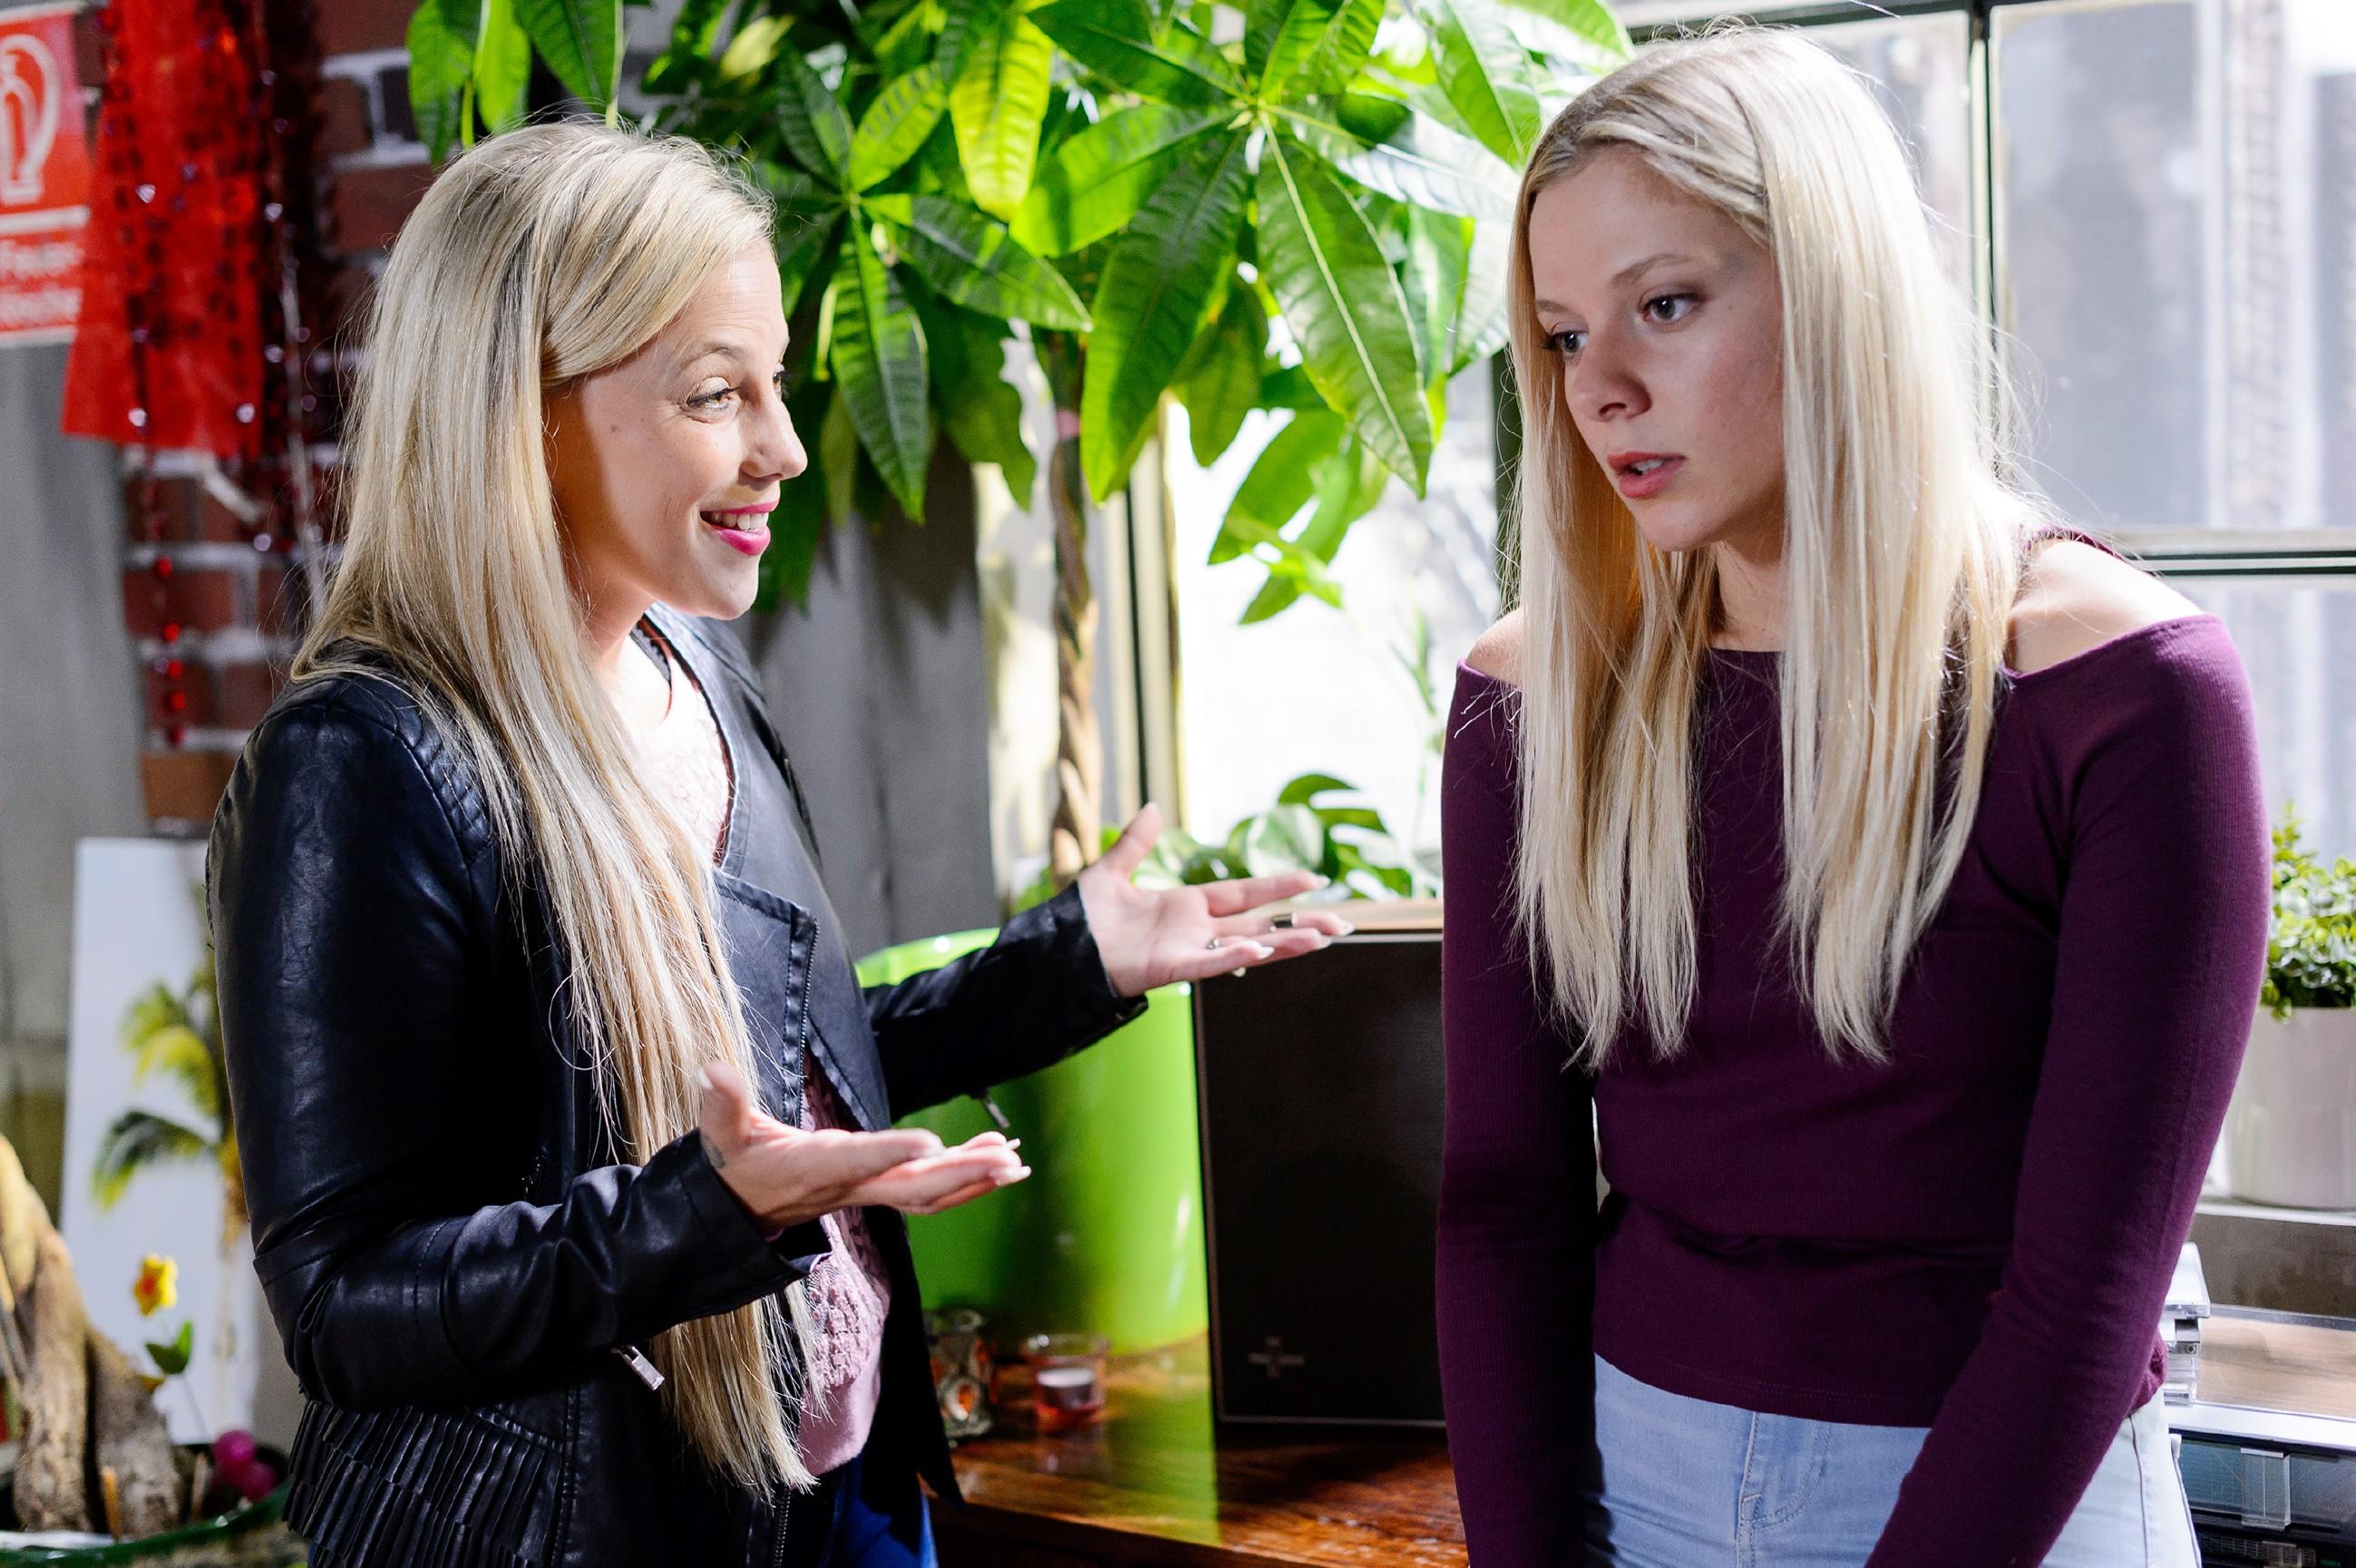 Als Iva (Christina Klein, l.) von ihrem Festival zurückkommt, findet sie eine niedergeschlagene Marie (Cheyenne Pahde) vor, die ihr berichtet, dass ihr aufregendes Sex-Video-Abenteuer katastrophal ausging. (Quelle: RTL / Willi Weber)